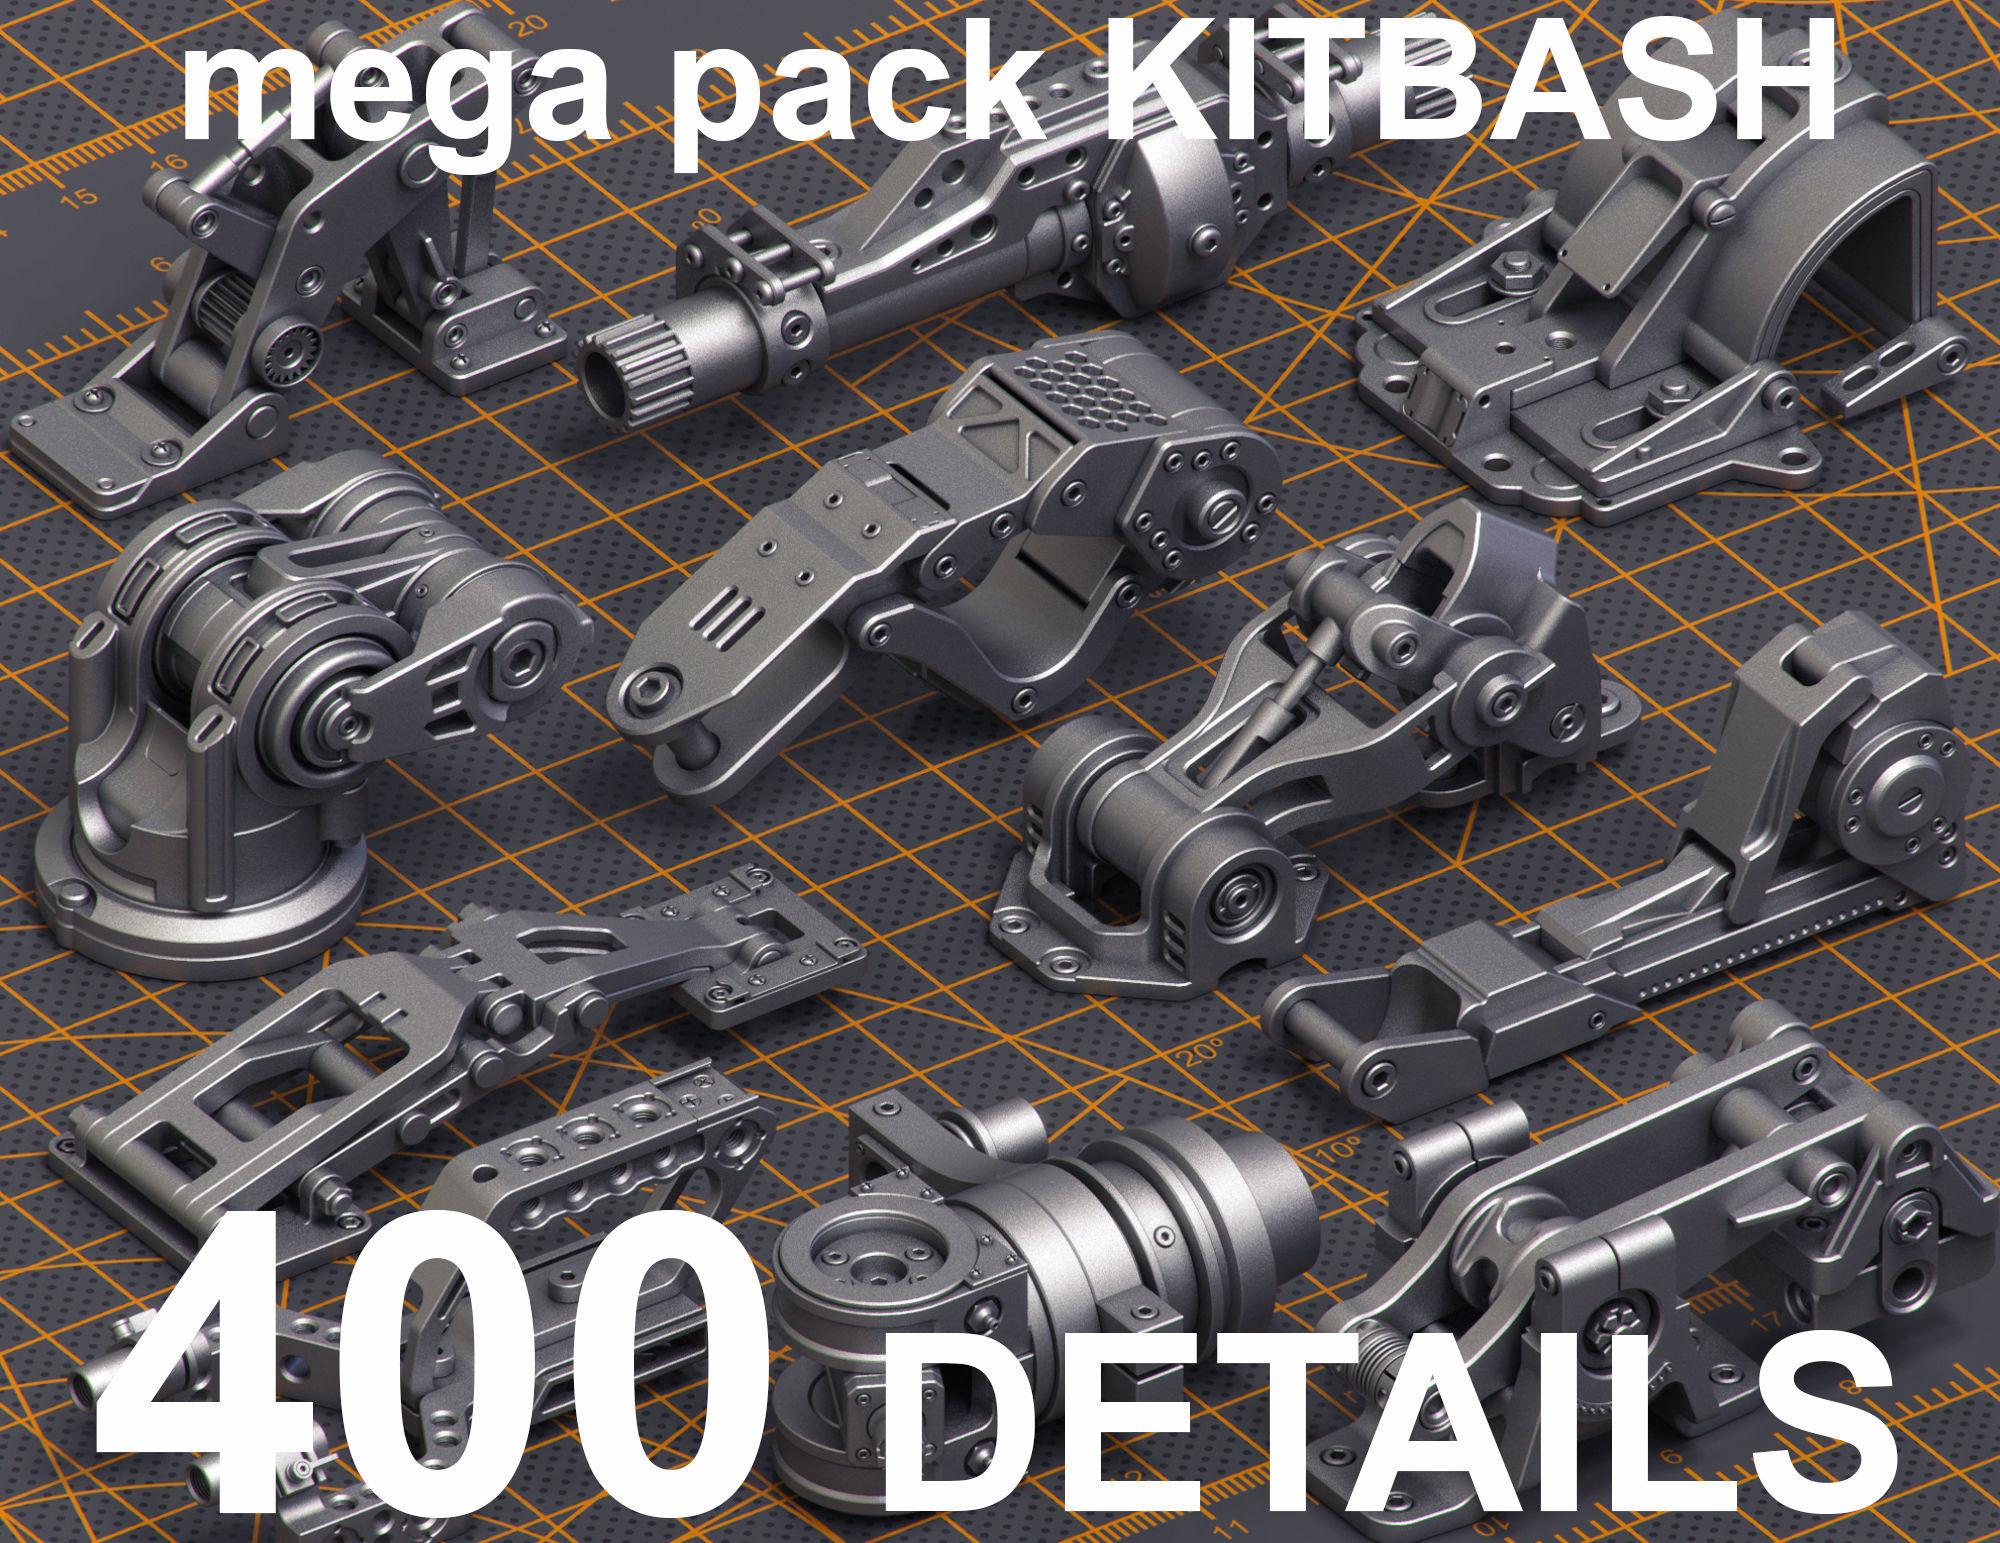 Mega Pack Hard Surface Kitbash 400 DETAILS